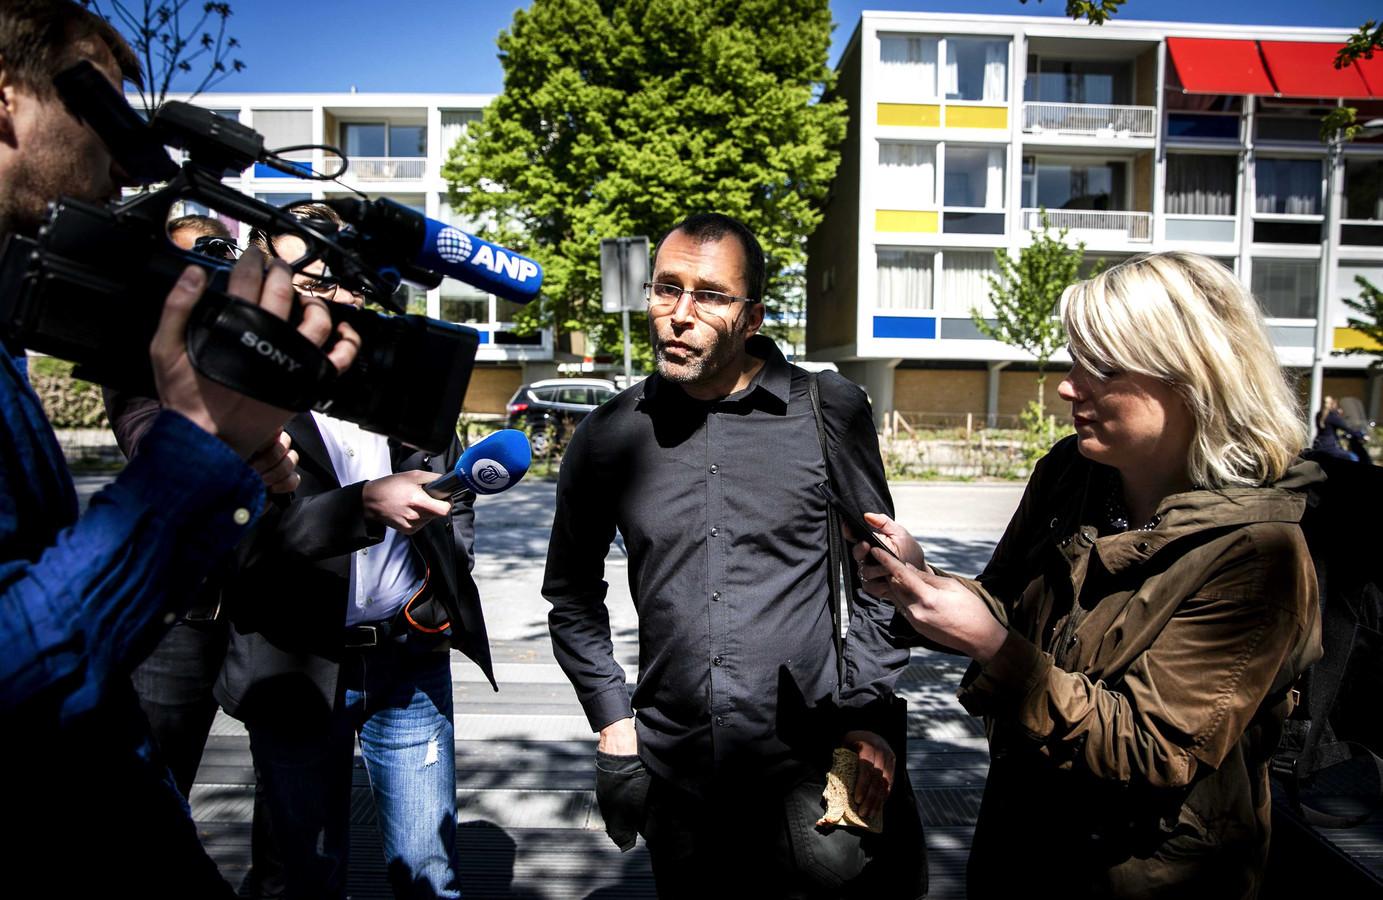 Initiatiefnemer Rogier Meijerink van #Geen4MeiVoorMij komt aan bij de rechtbank voor aanvang van het kort geding.